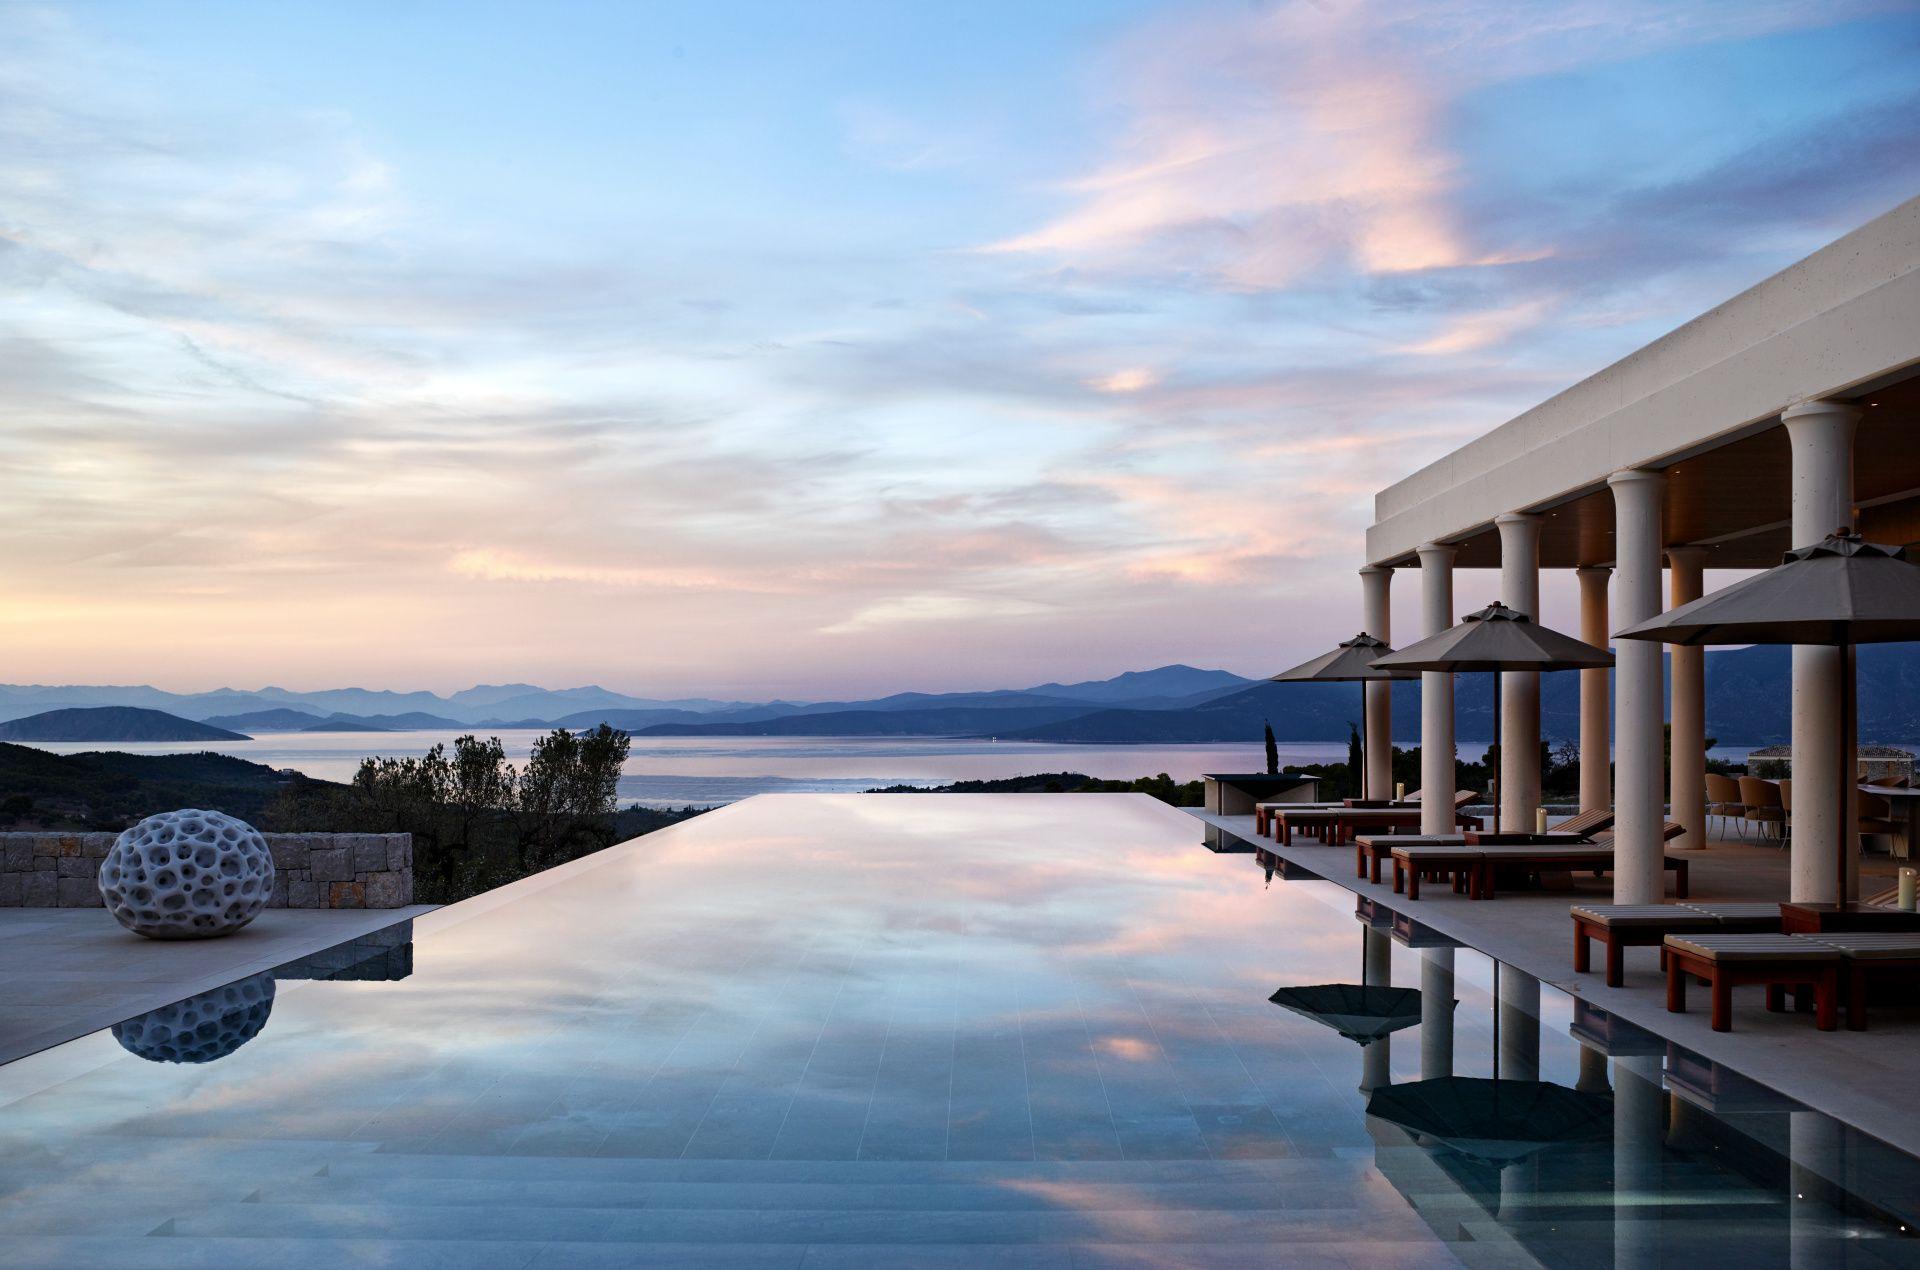 安縵卓熠(Amanzoe)別墅坐落於伯羅奔尼撒半島之間、可居高俯瞰愛琴海。